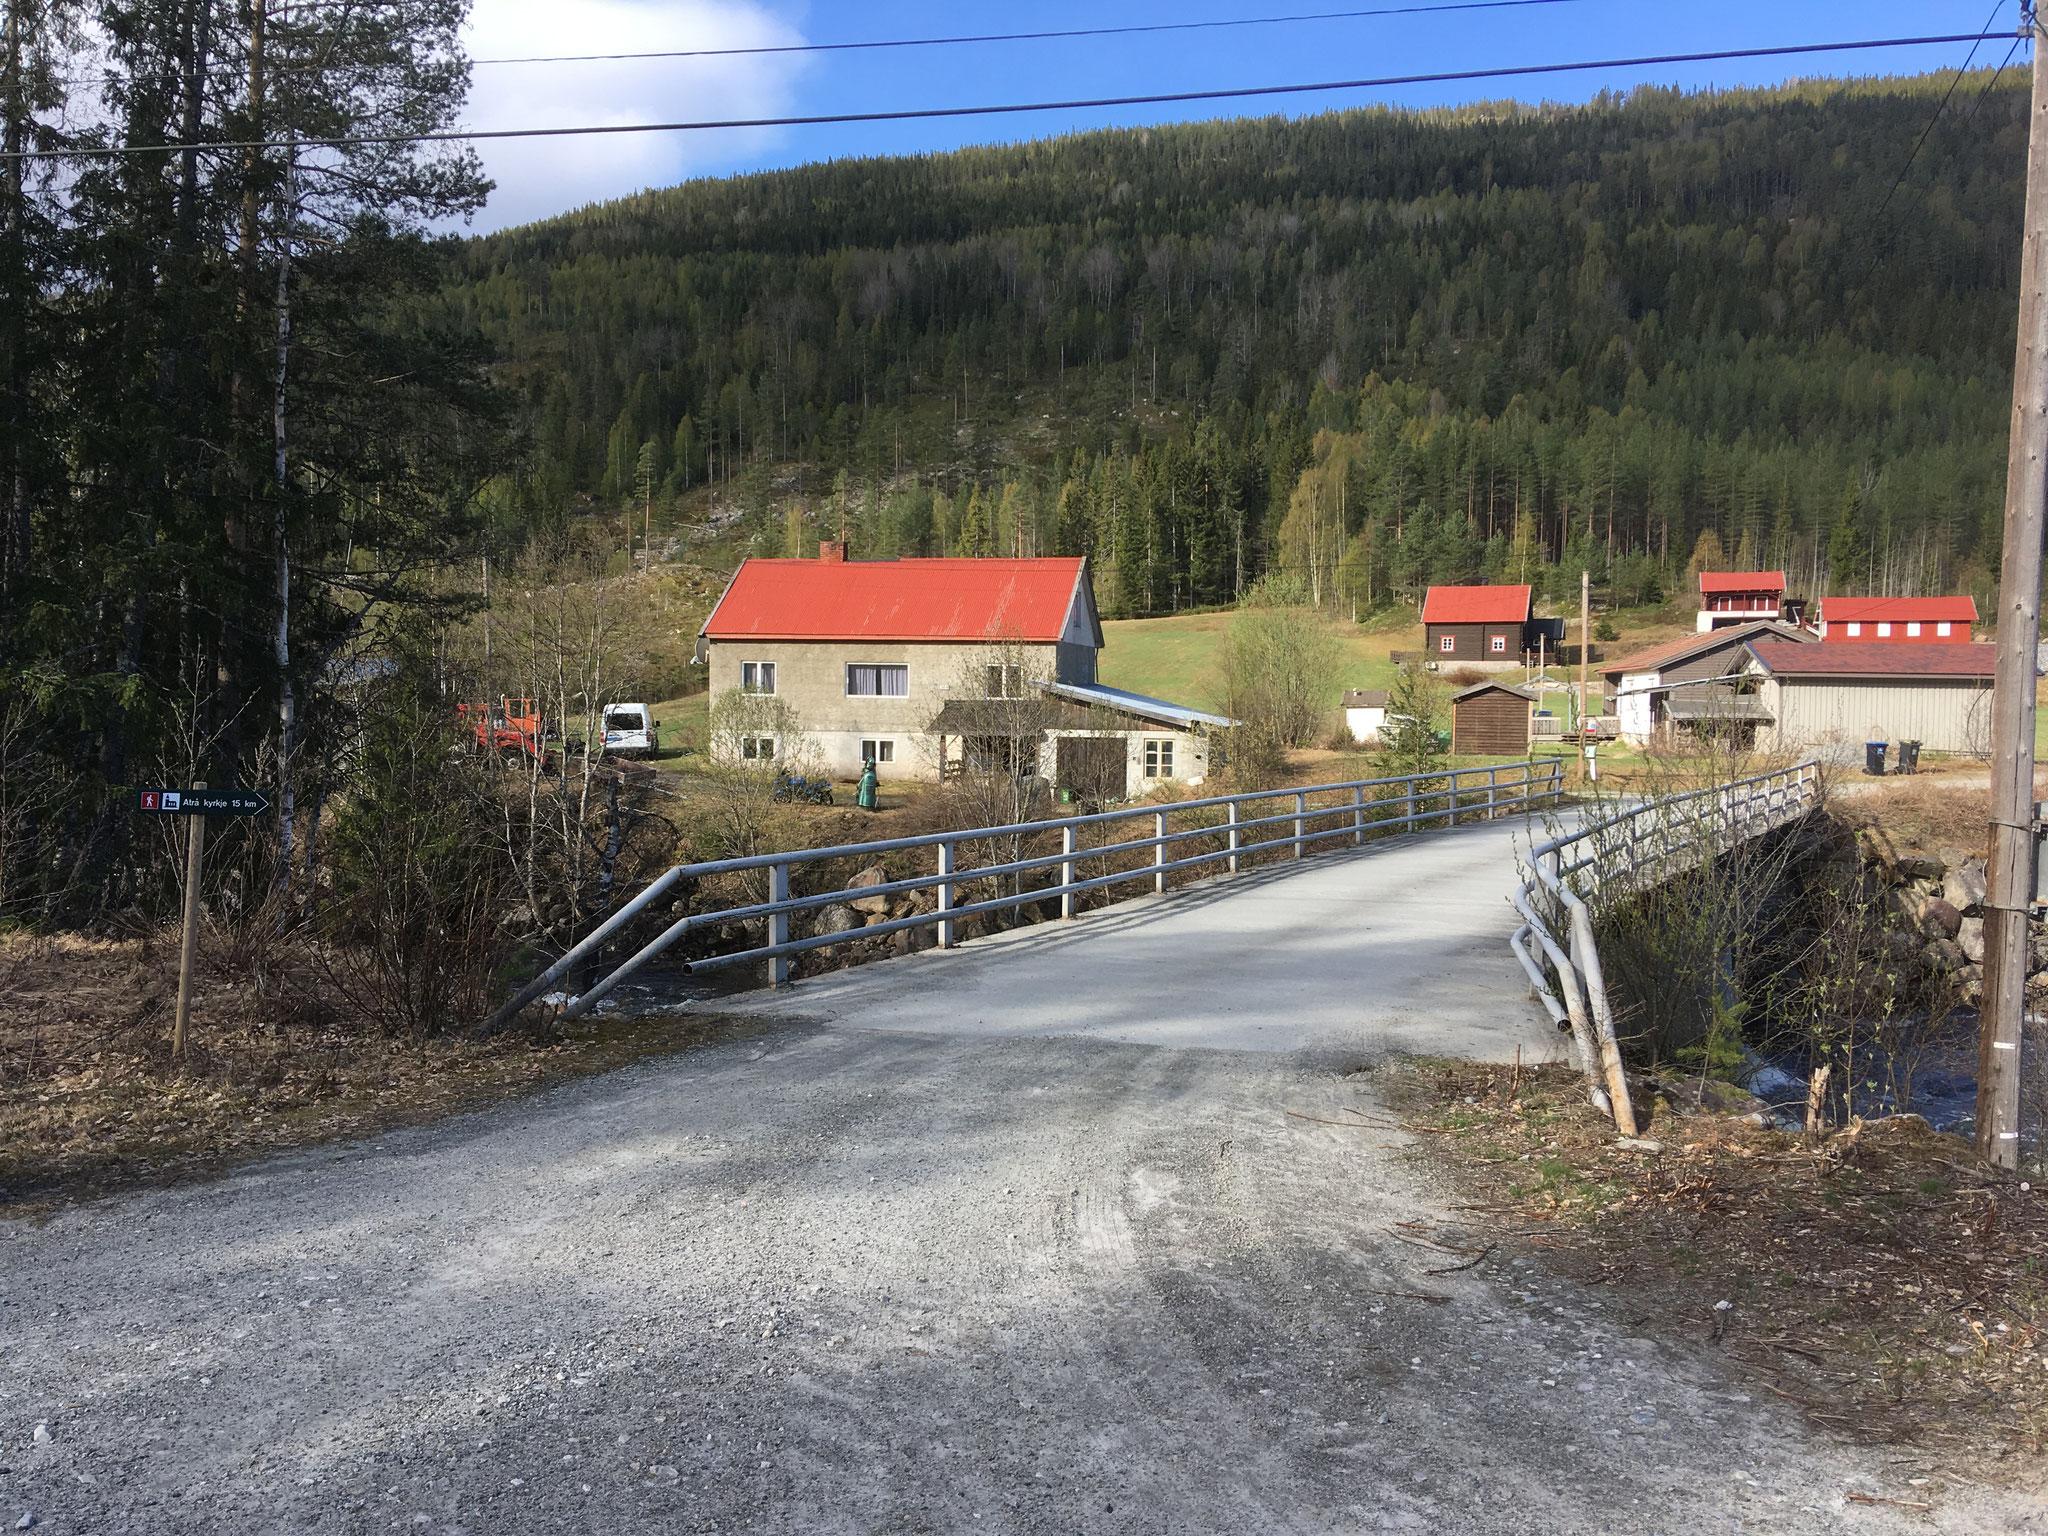 Brücke über Austbygdåe